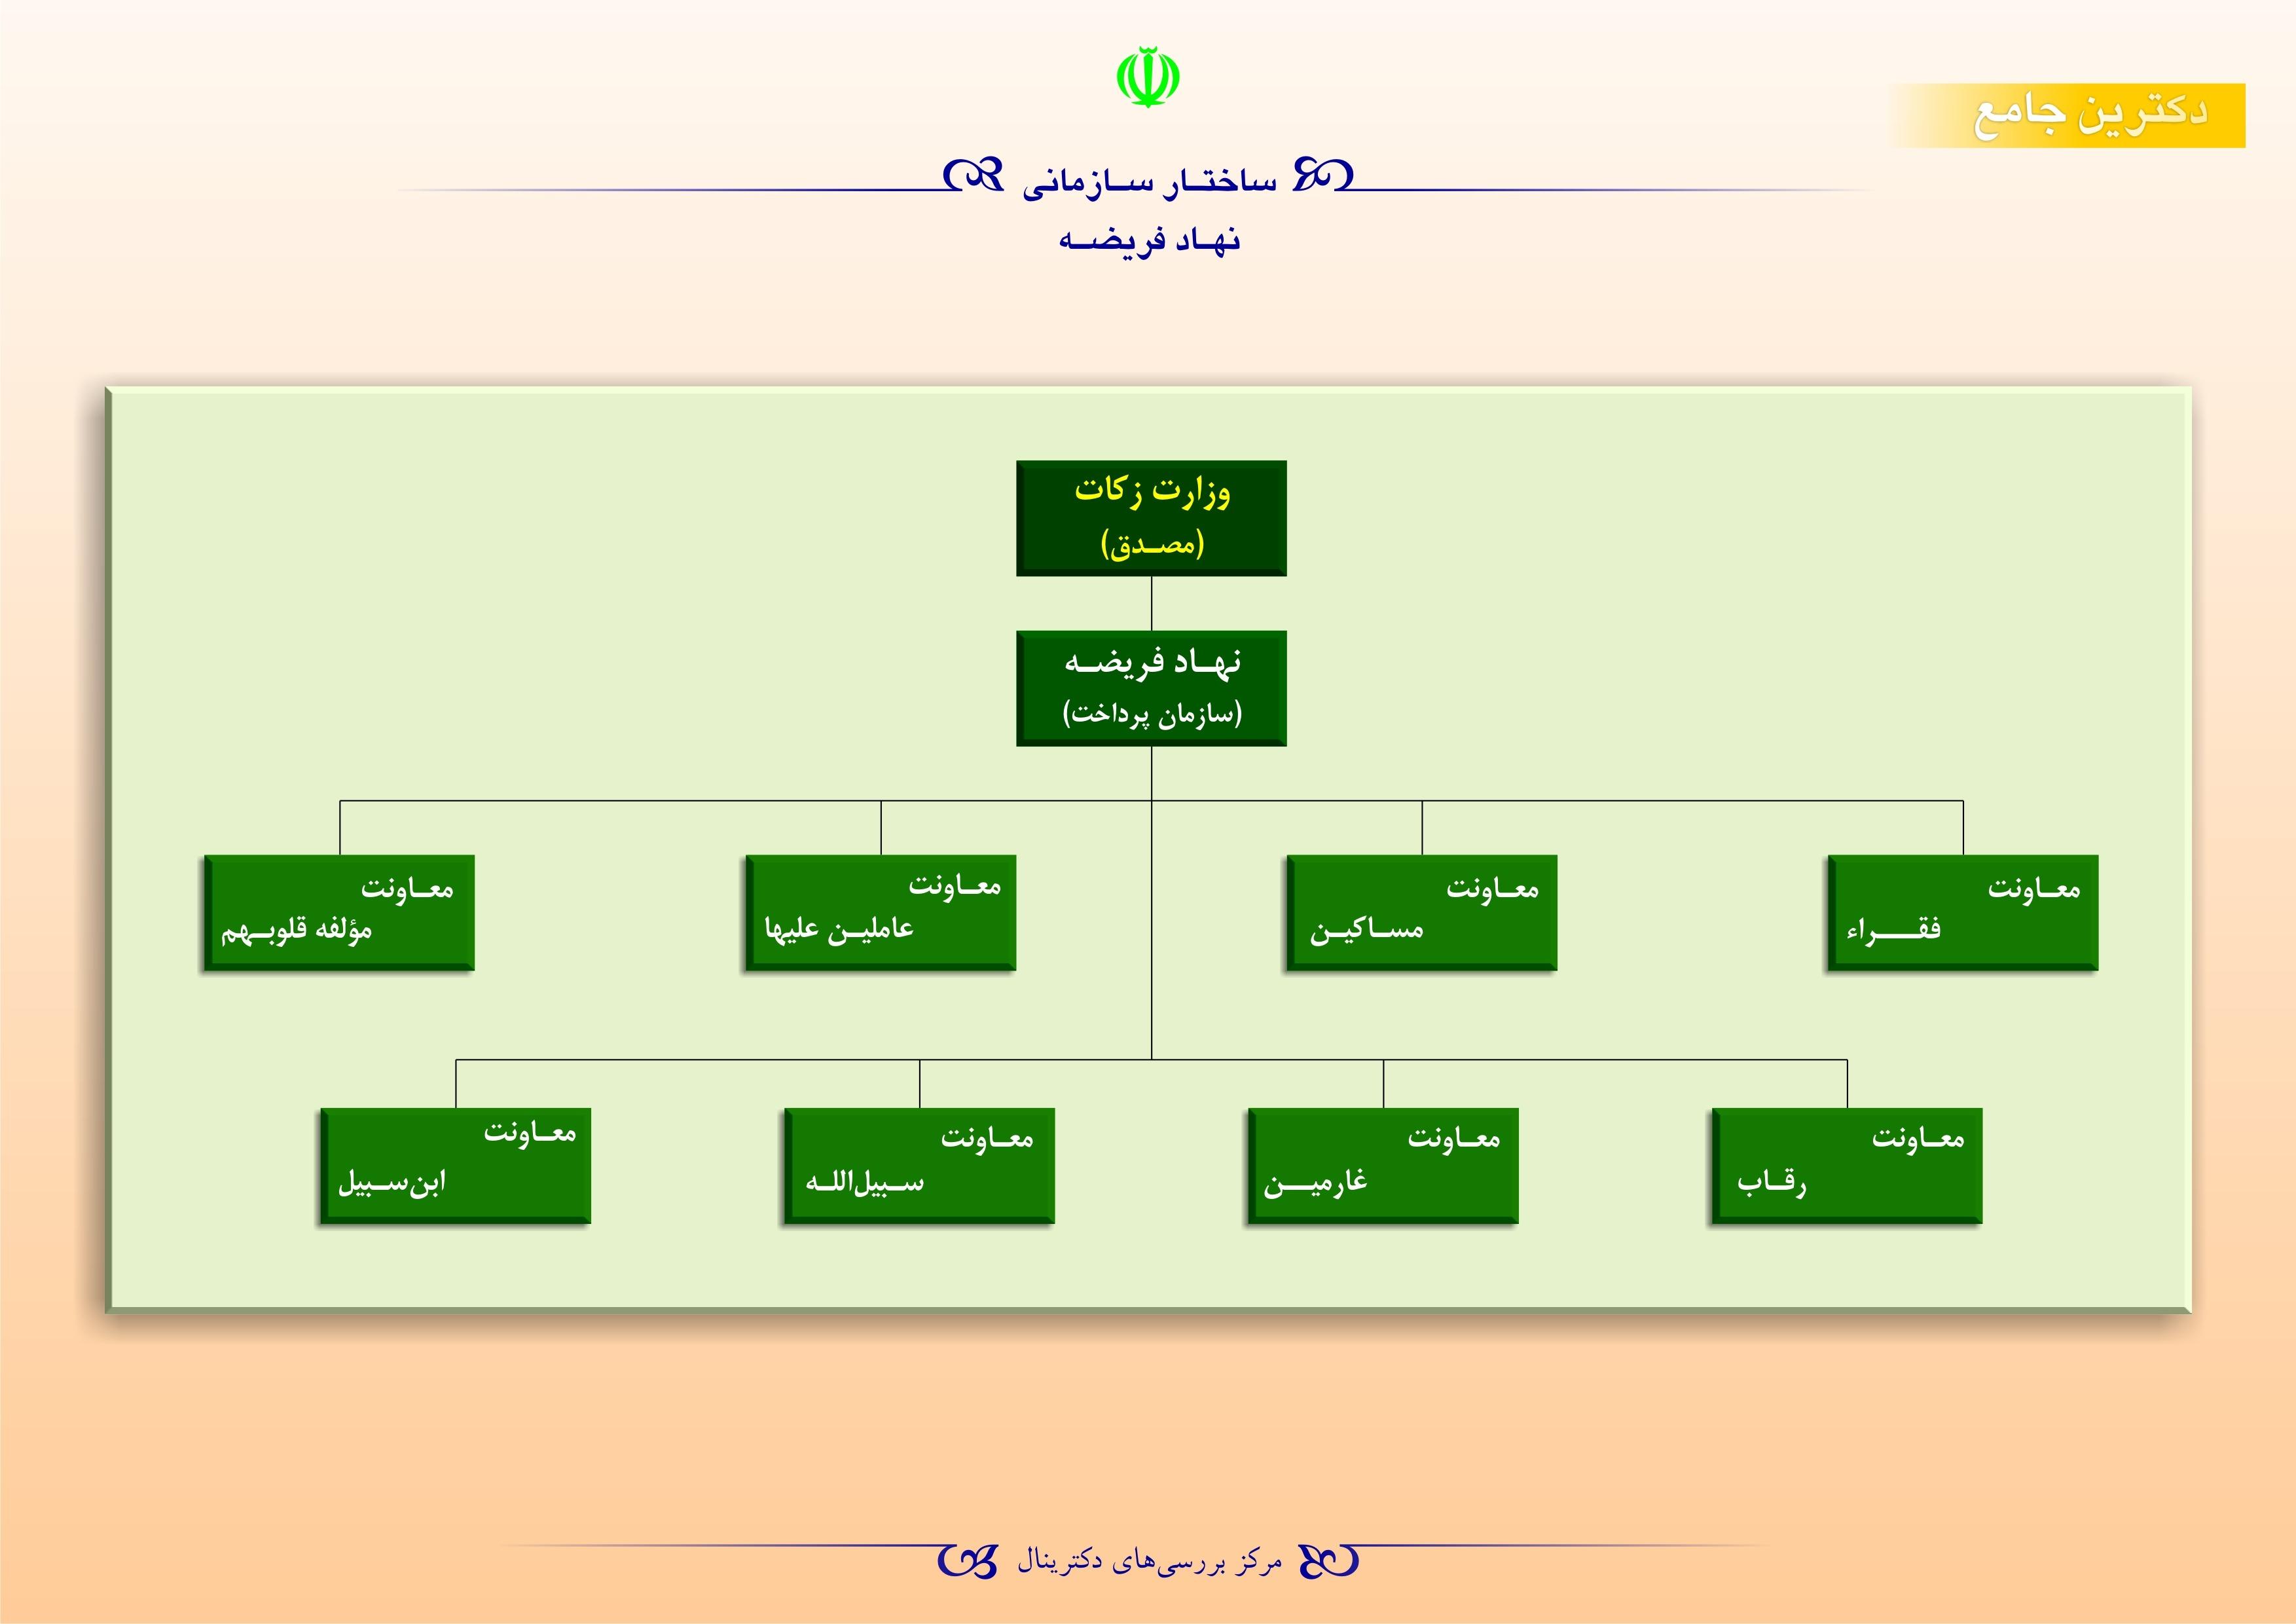 وزارت زکات